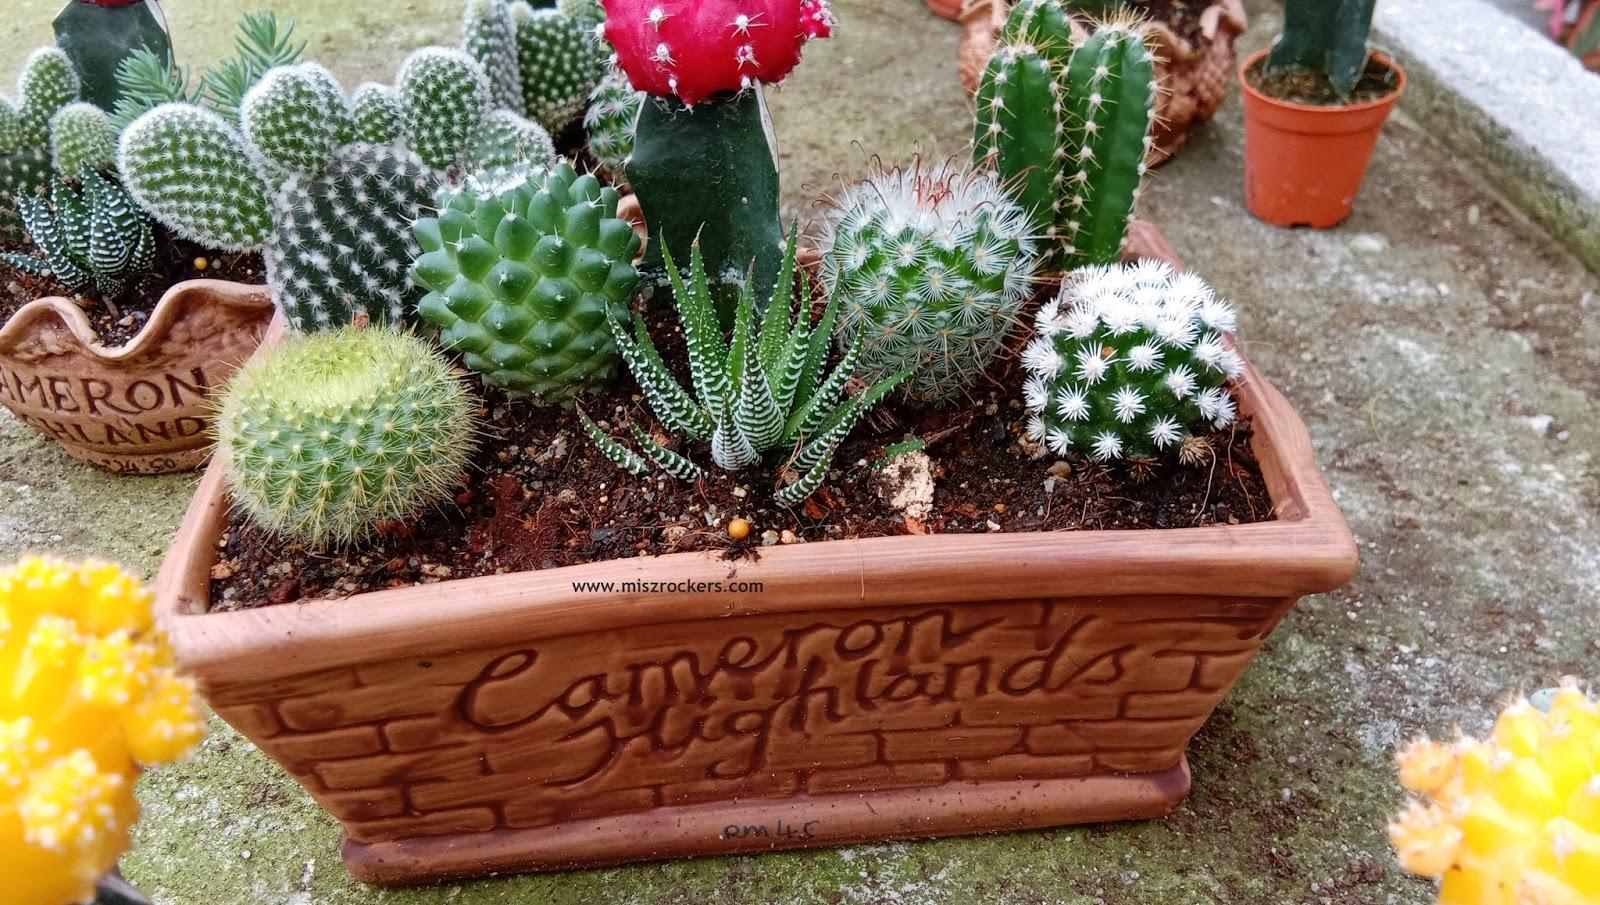 Banyak Jenis Pokok Cactus Ada Di Cactus Point Cameron Highlands Ceritera Si Gadis Biru